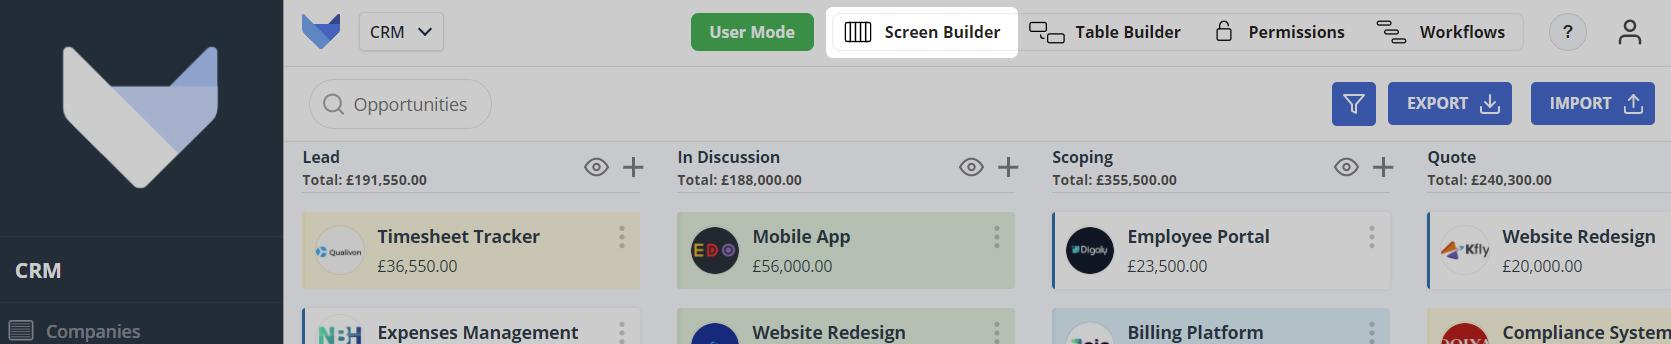 Screen Builder Tab